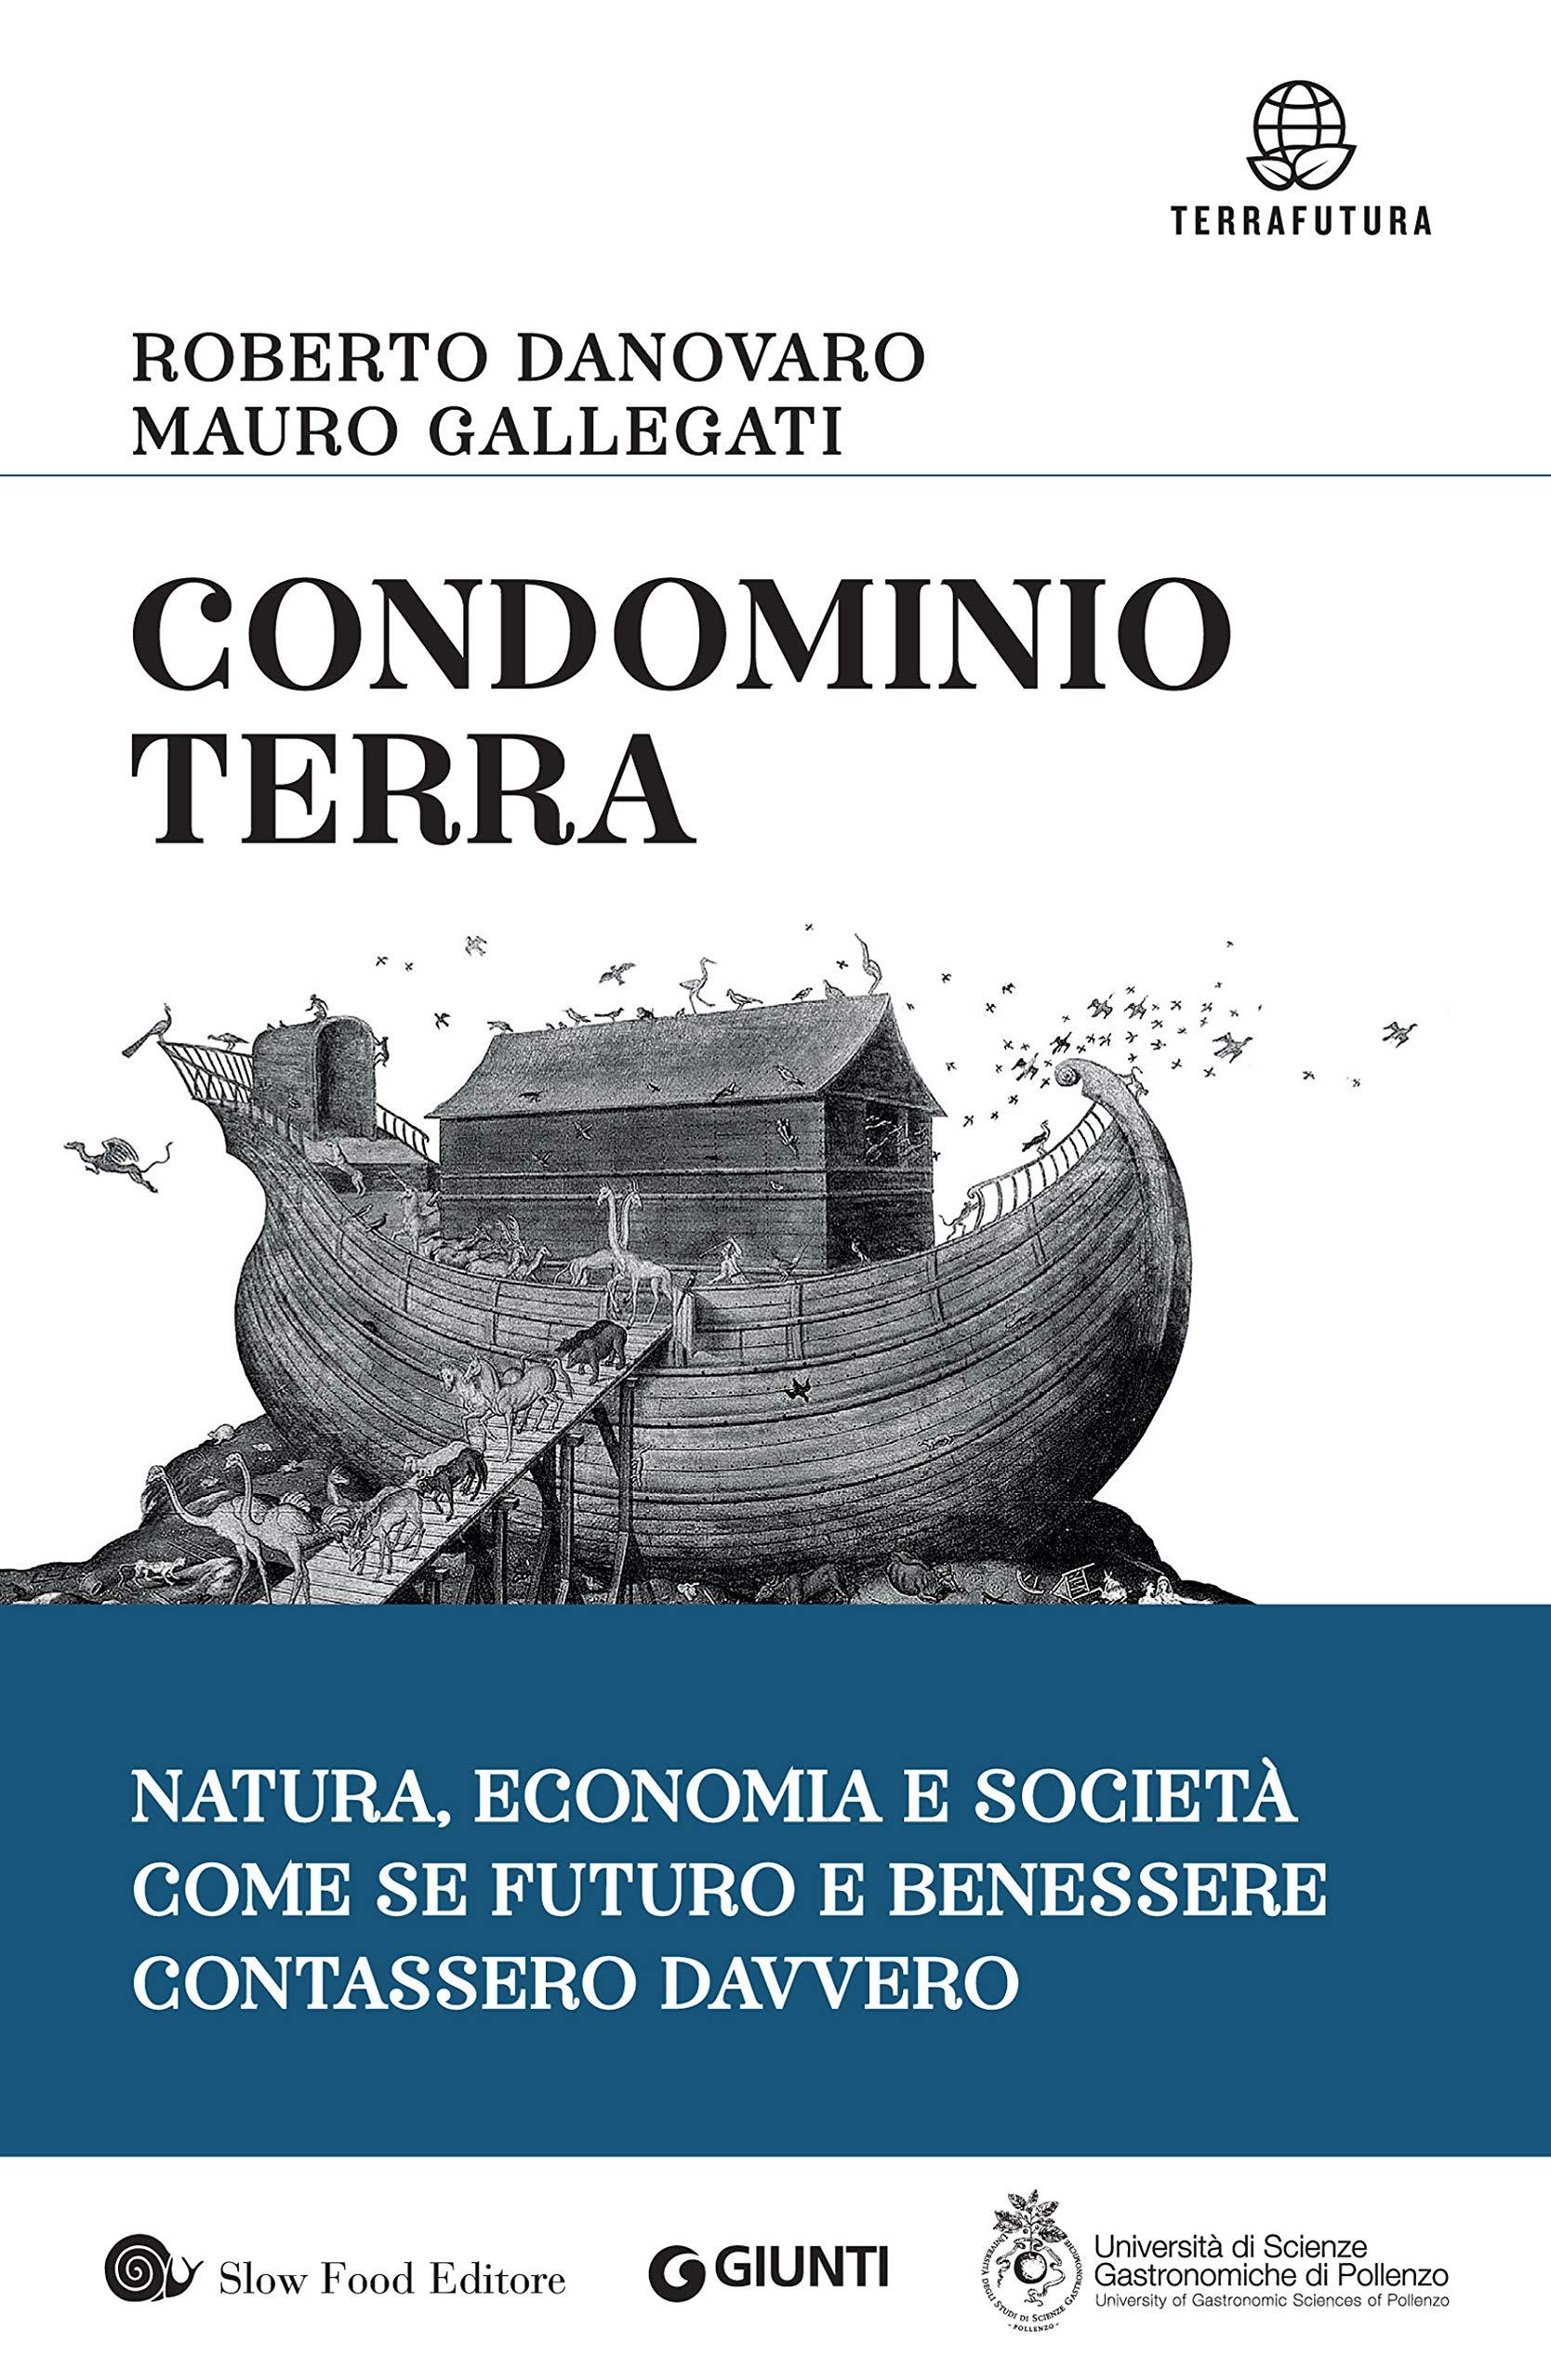 Condominio Terra: Natura, economia, società, come se futuro e benessere contassero davvero (Italian Edition)